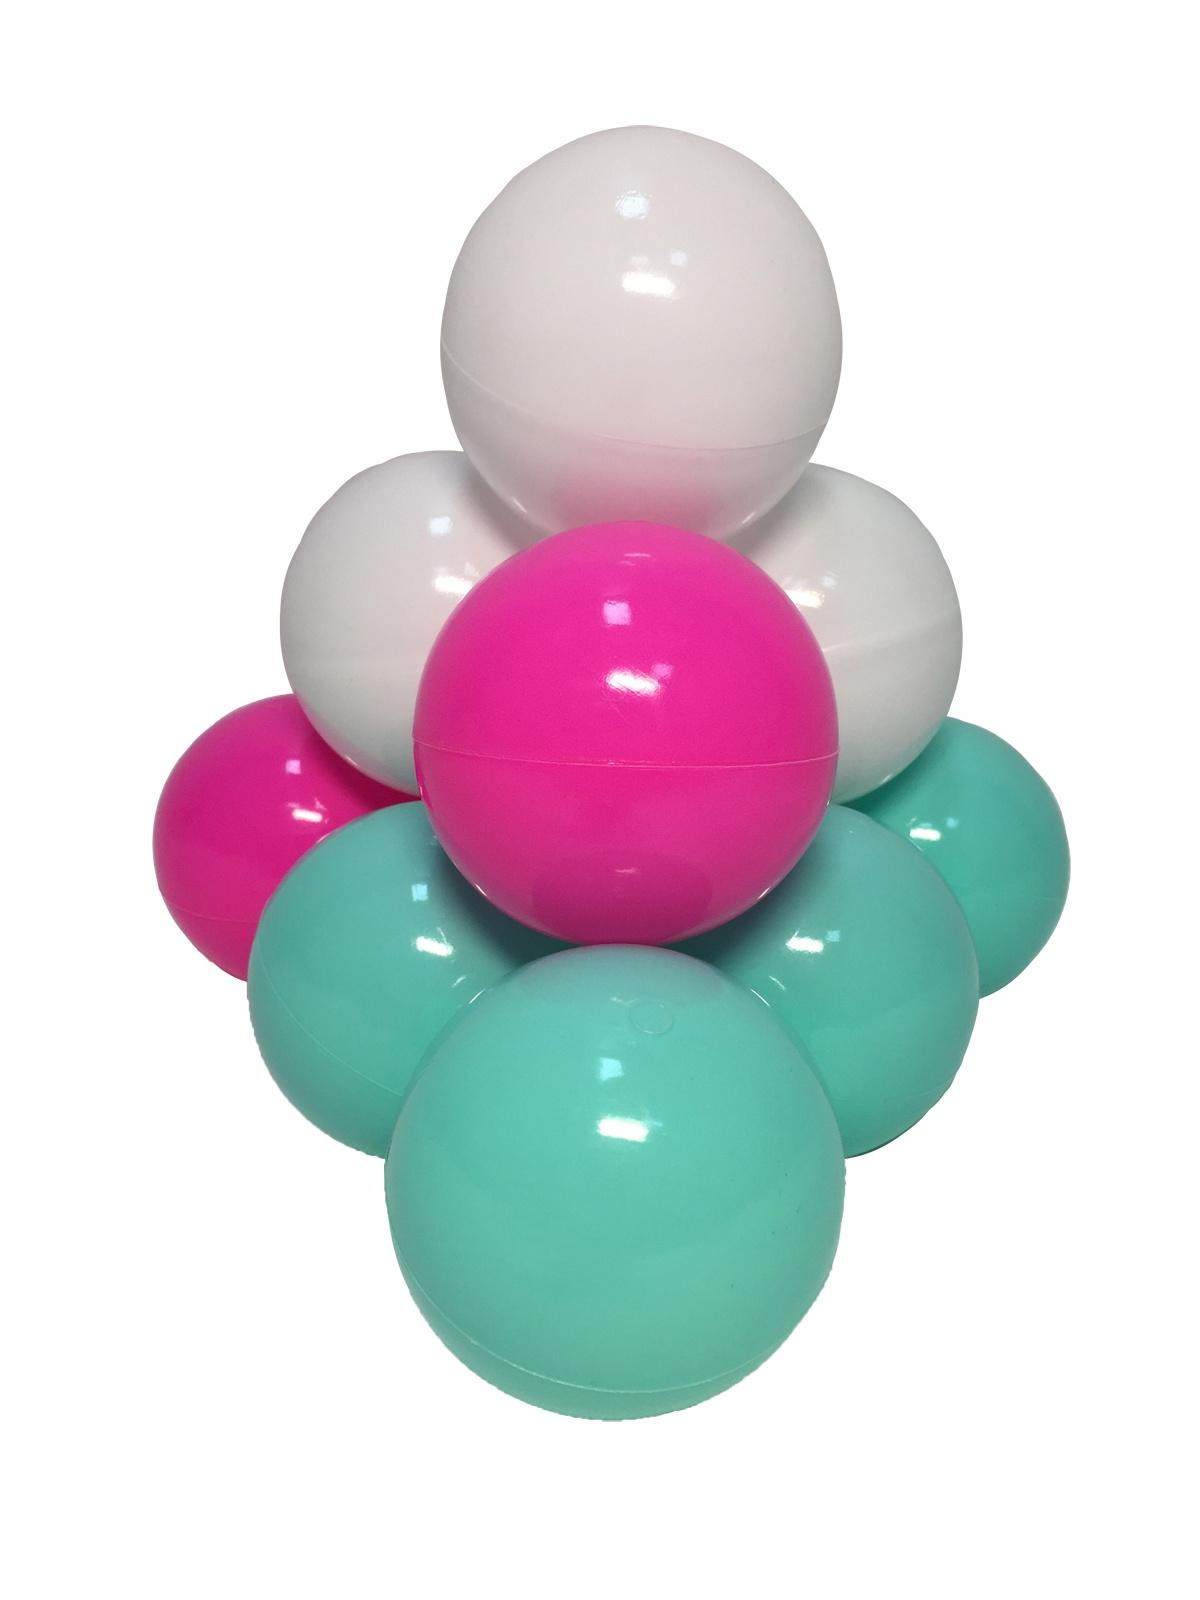 Комплект шариков Детский праздник 50шт: мятный, белый, розовый цена и фото